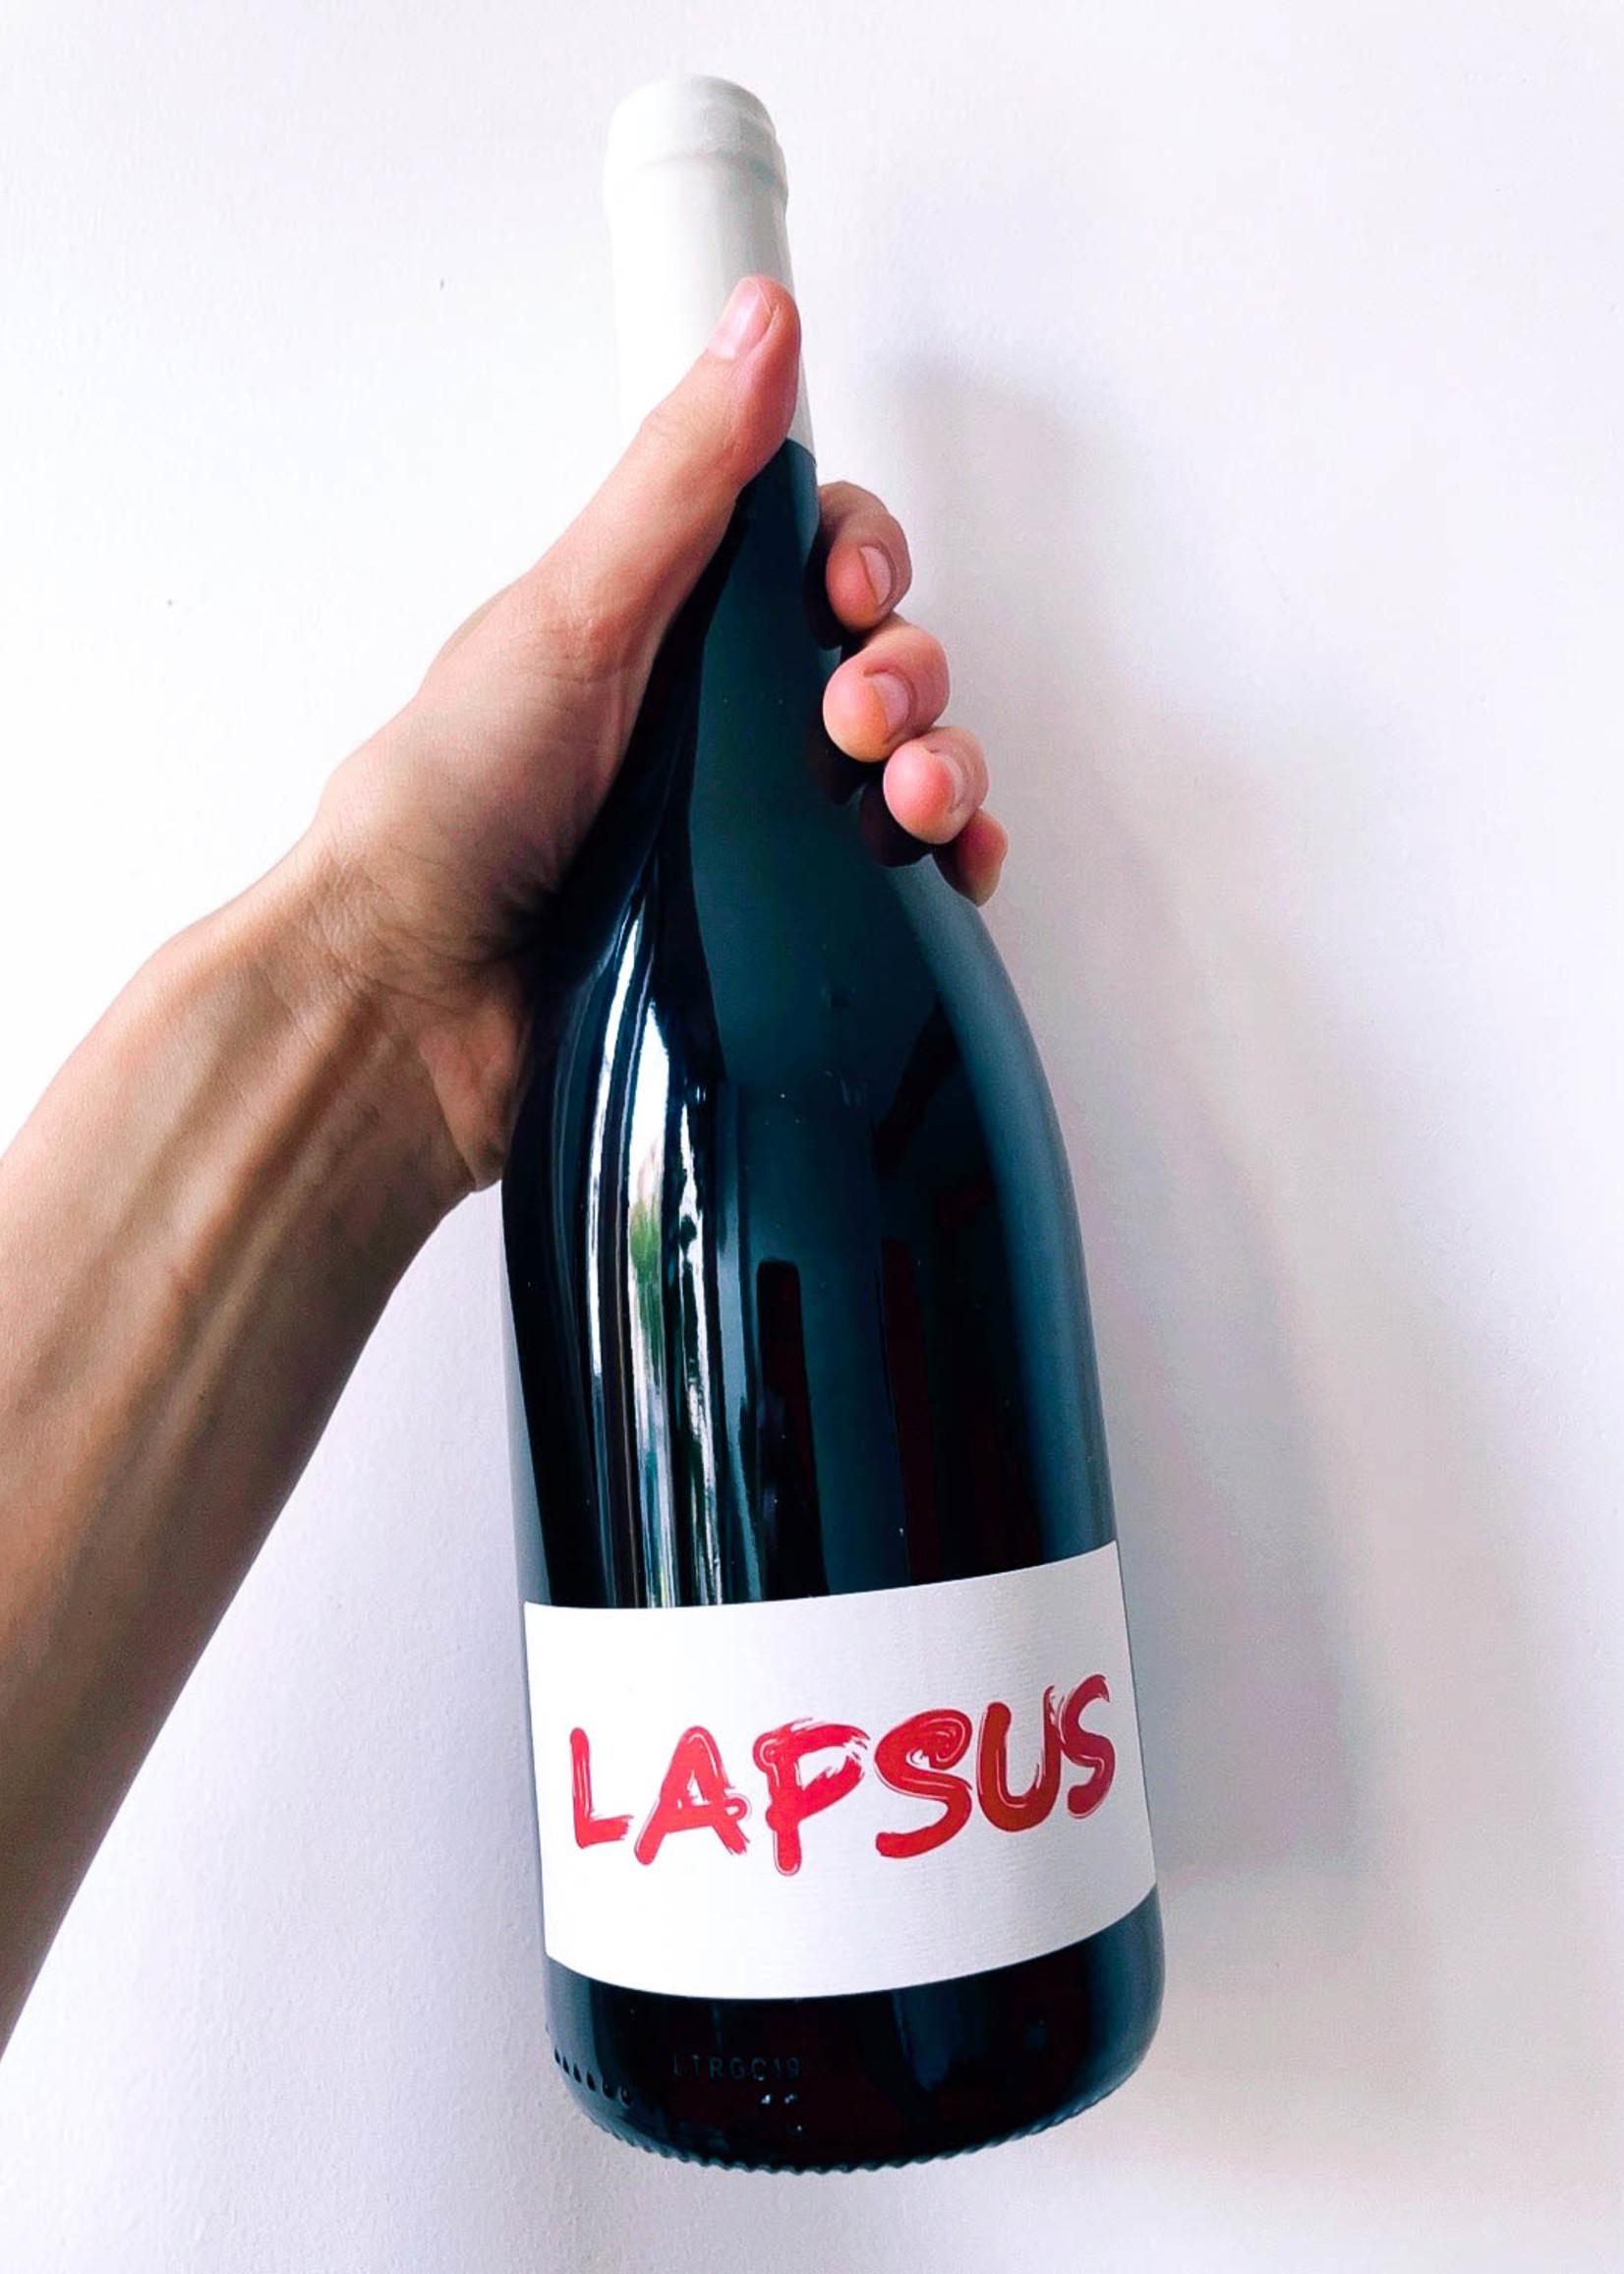 Domaine La Piffaudière Lapsus - La Piffaudière - 2019